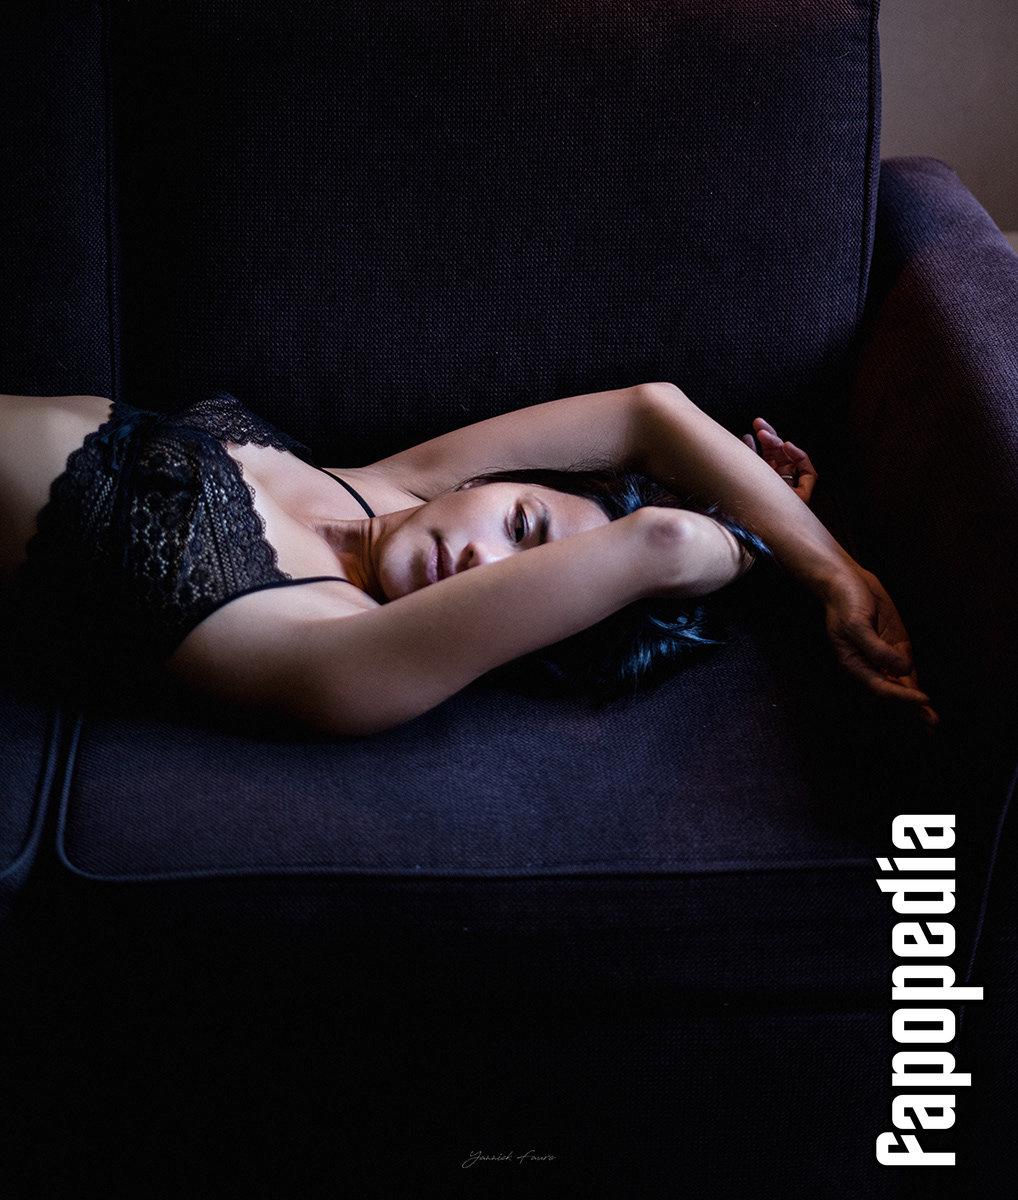 Valerie Kiff Le Chocolat Nude Leaks